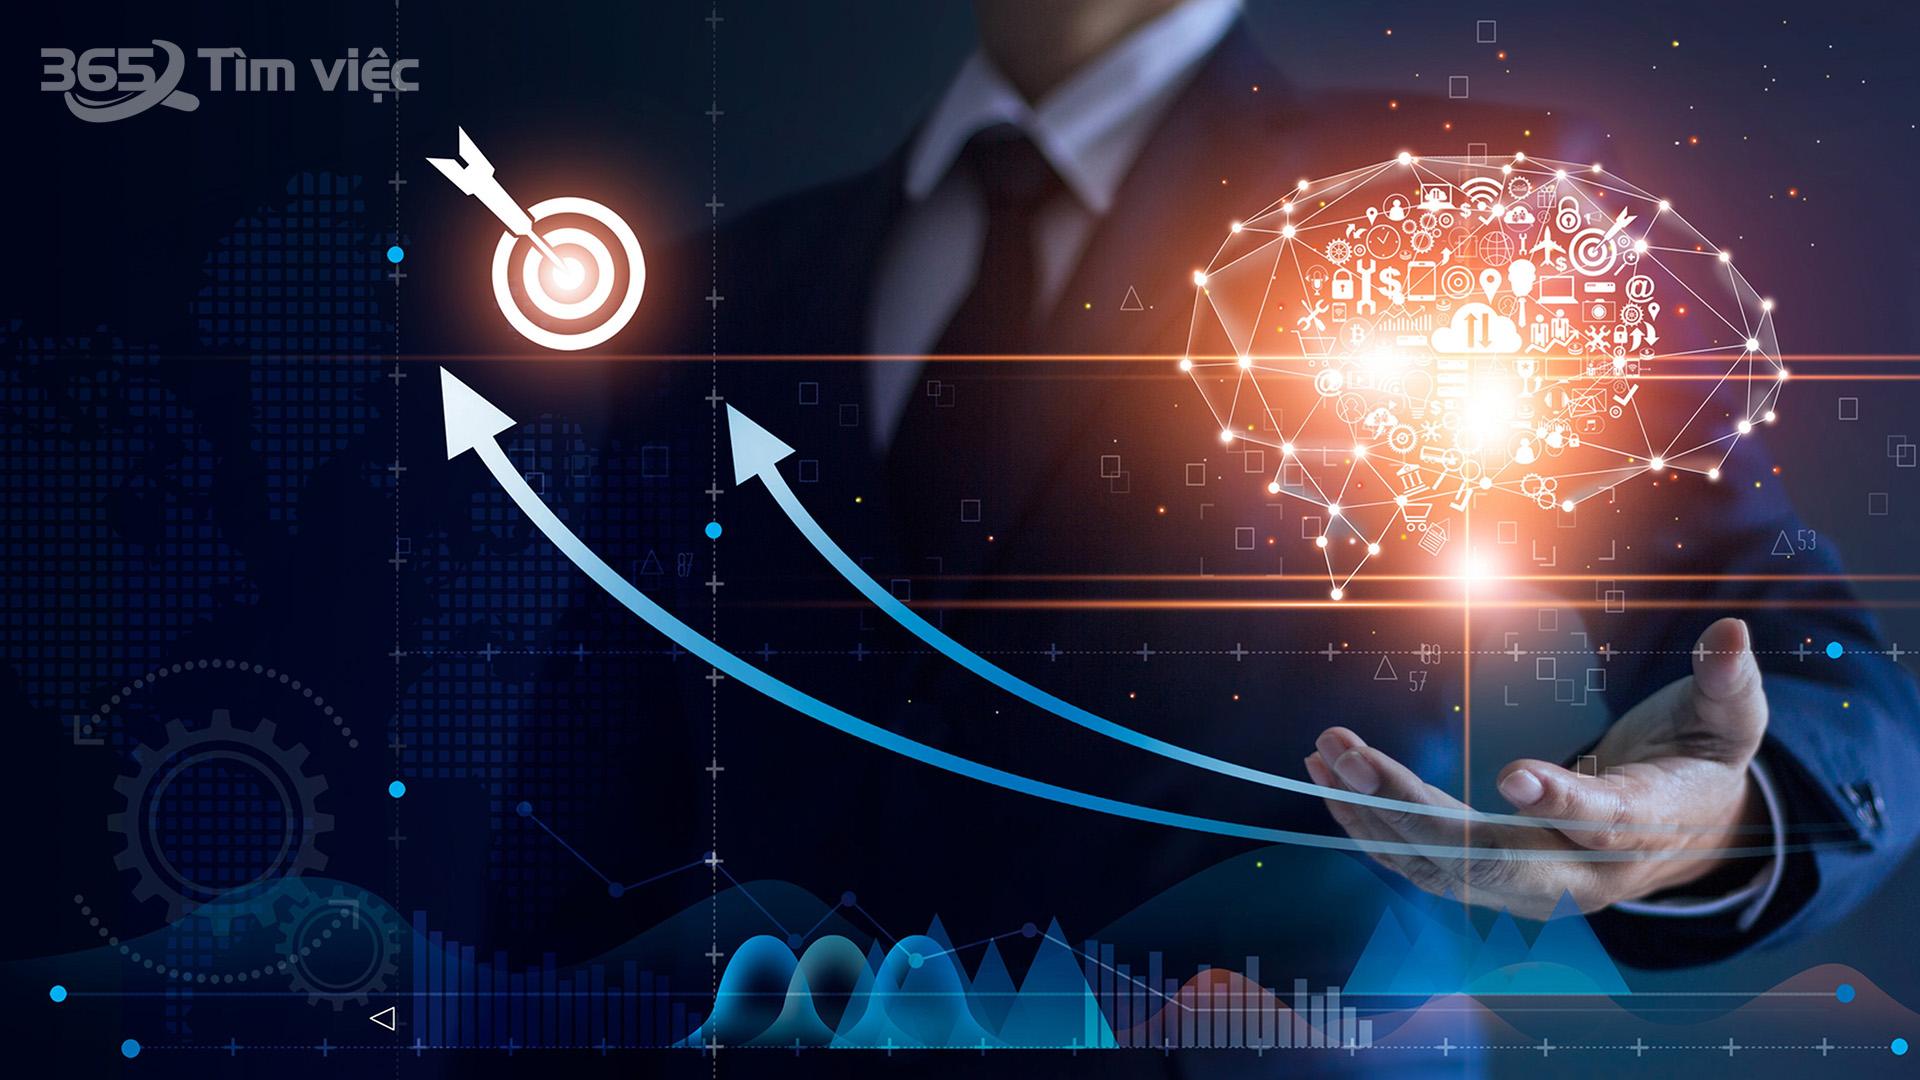 Lợi ích mà hệ thống Mes đem lại cho doanh nghiệp